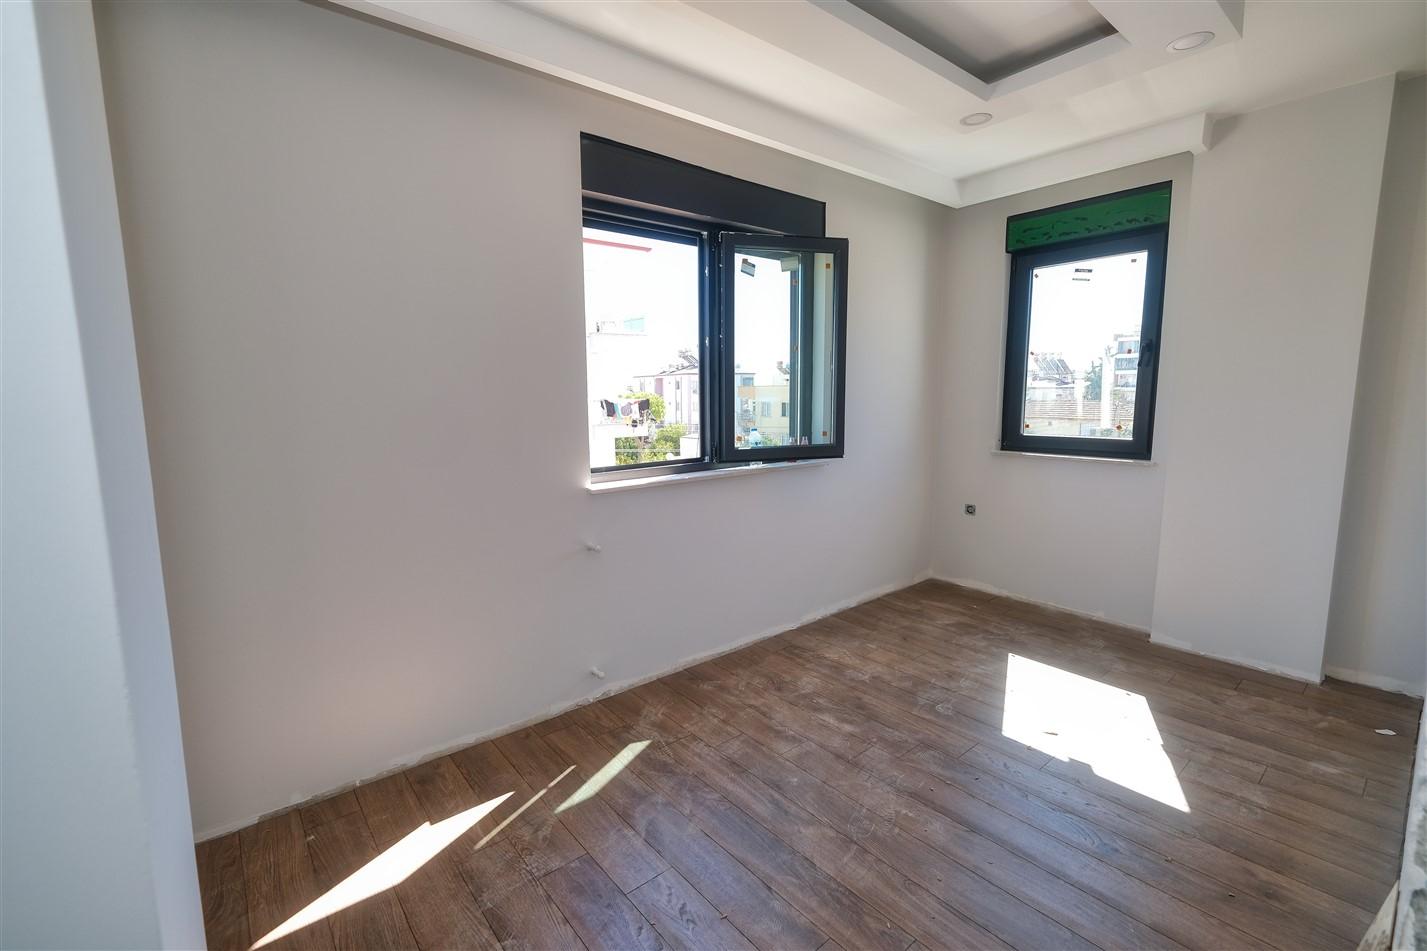 Четырёхкомнатная квартира в Анталье по демократичной цене - Фото 11